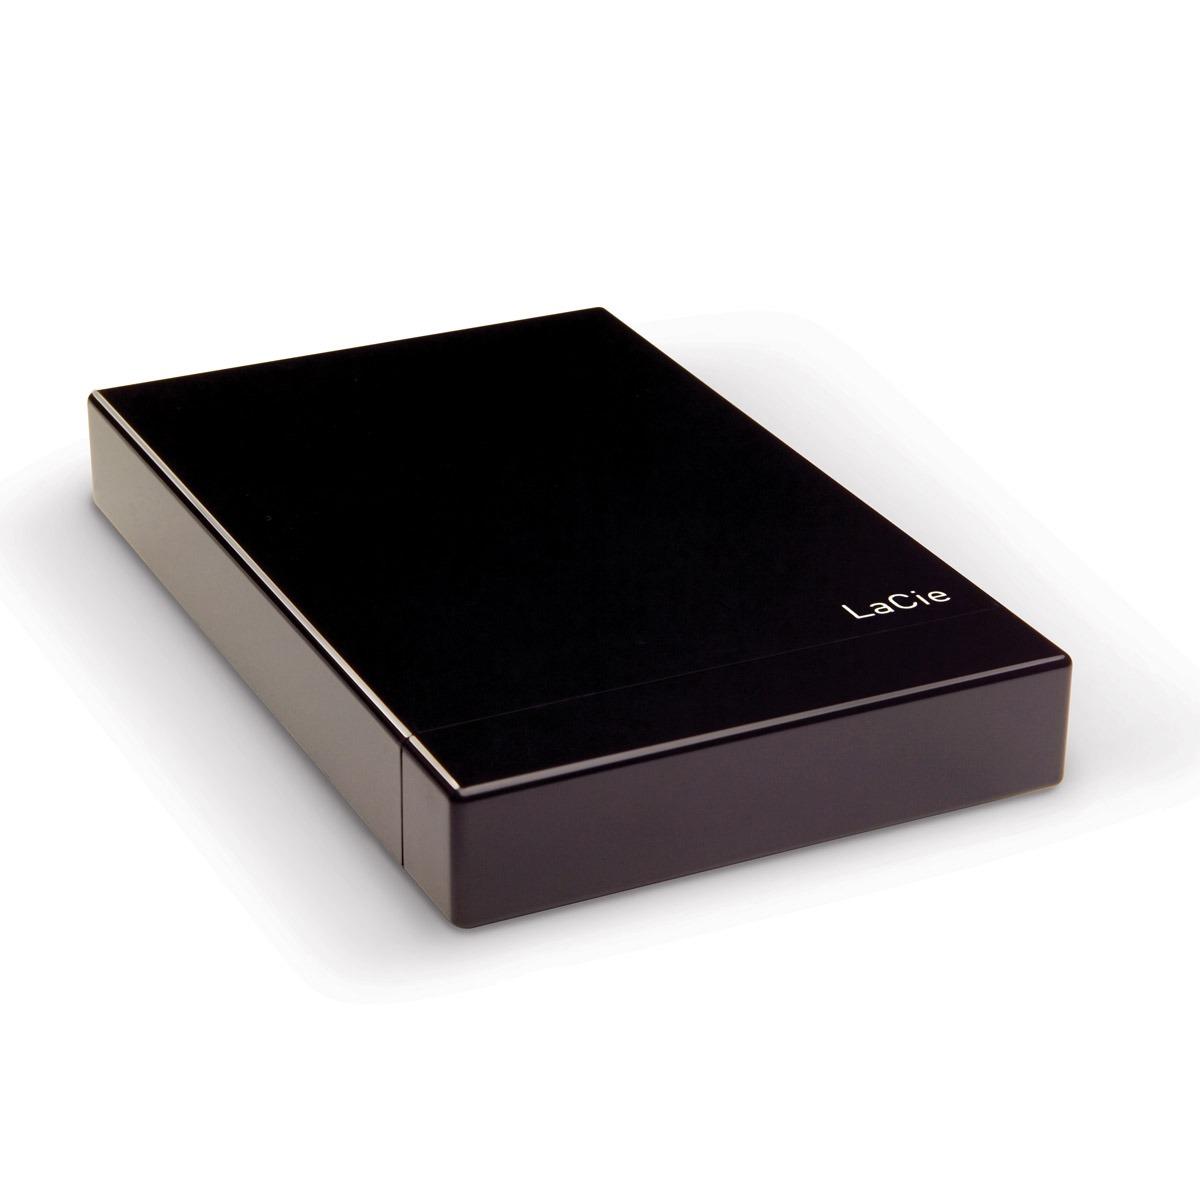 Disque dur externe LaCie Little Disk 500 Go (USB 2.0, FireWire 400 et FireWire 800) LaCie Little Disk 500 Go (USB 2.0, FireWire 400 et FireWire 800) + 10 Go de stockage en ligne offerts (garantie LaCie 2 ans)